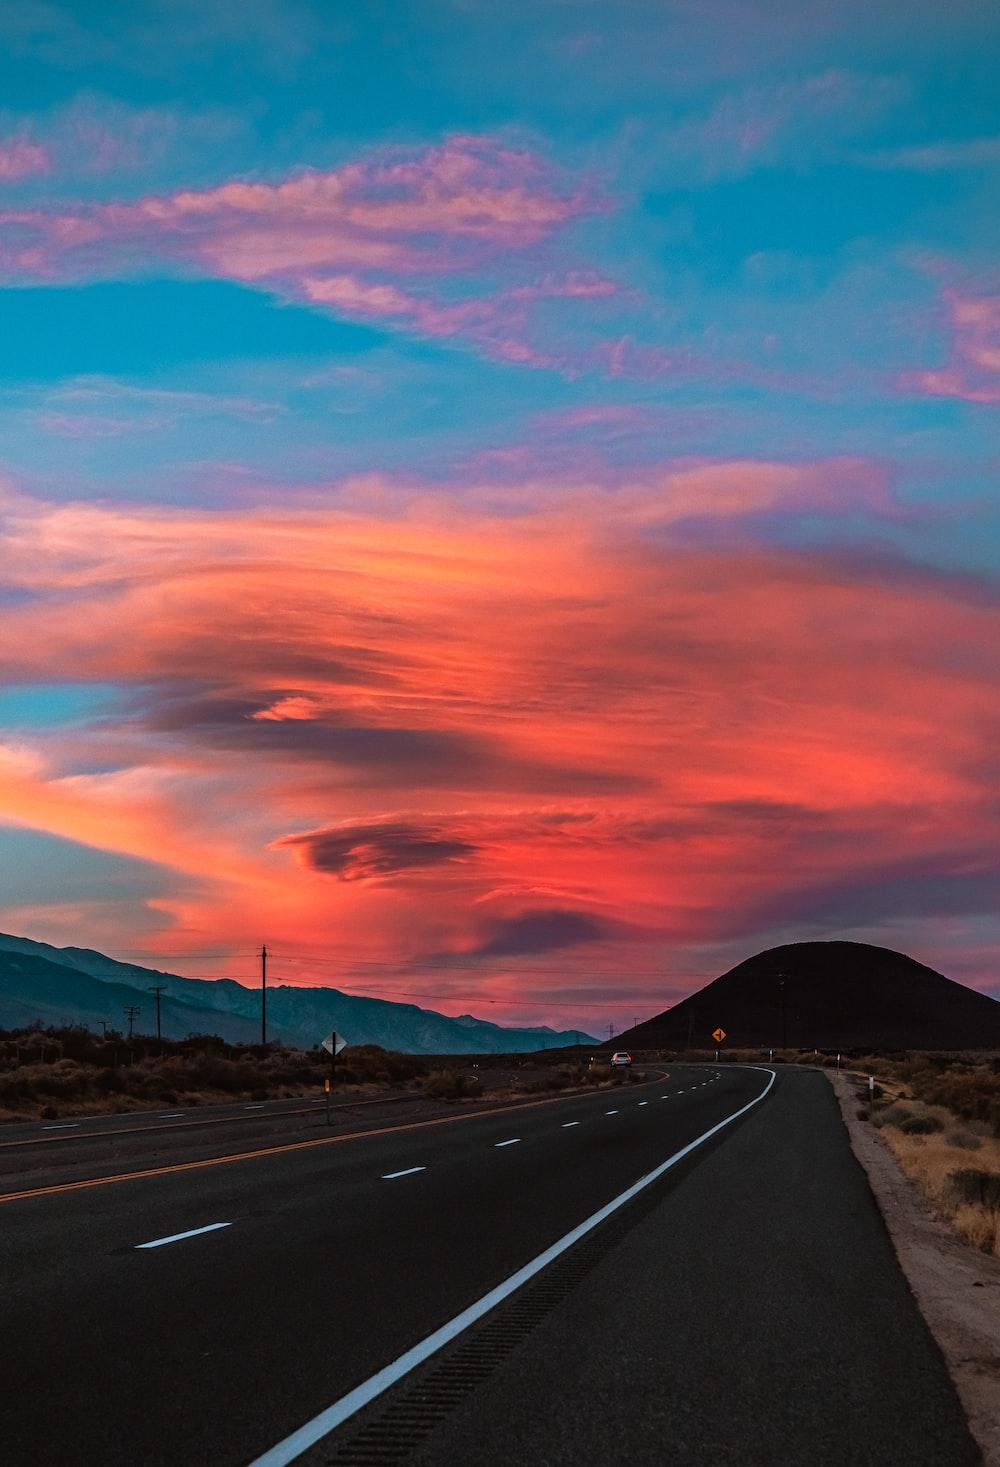 gray asphalt road under orange and blue sky